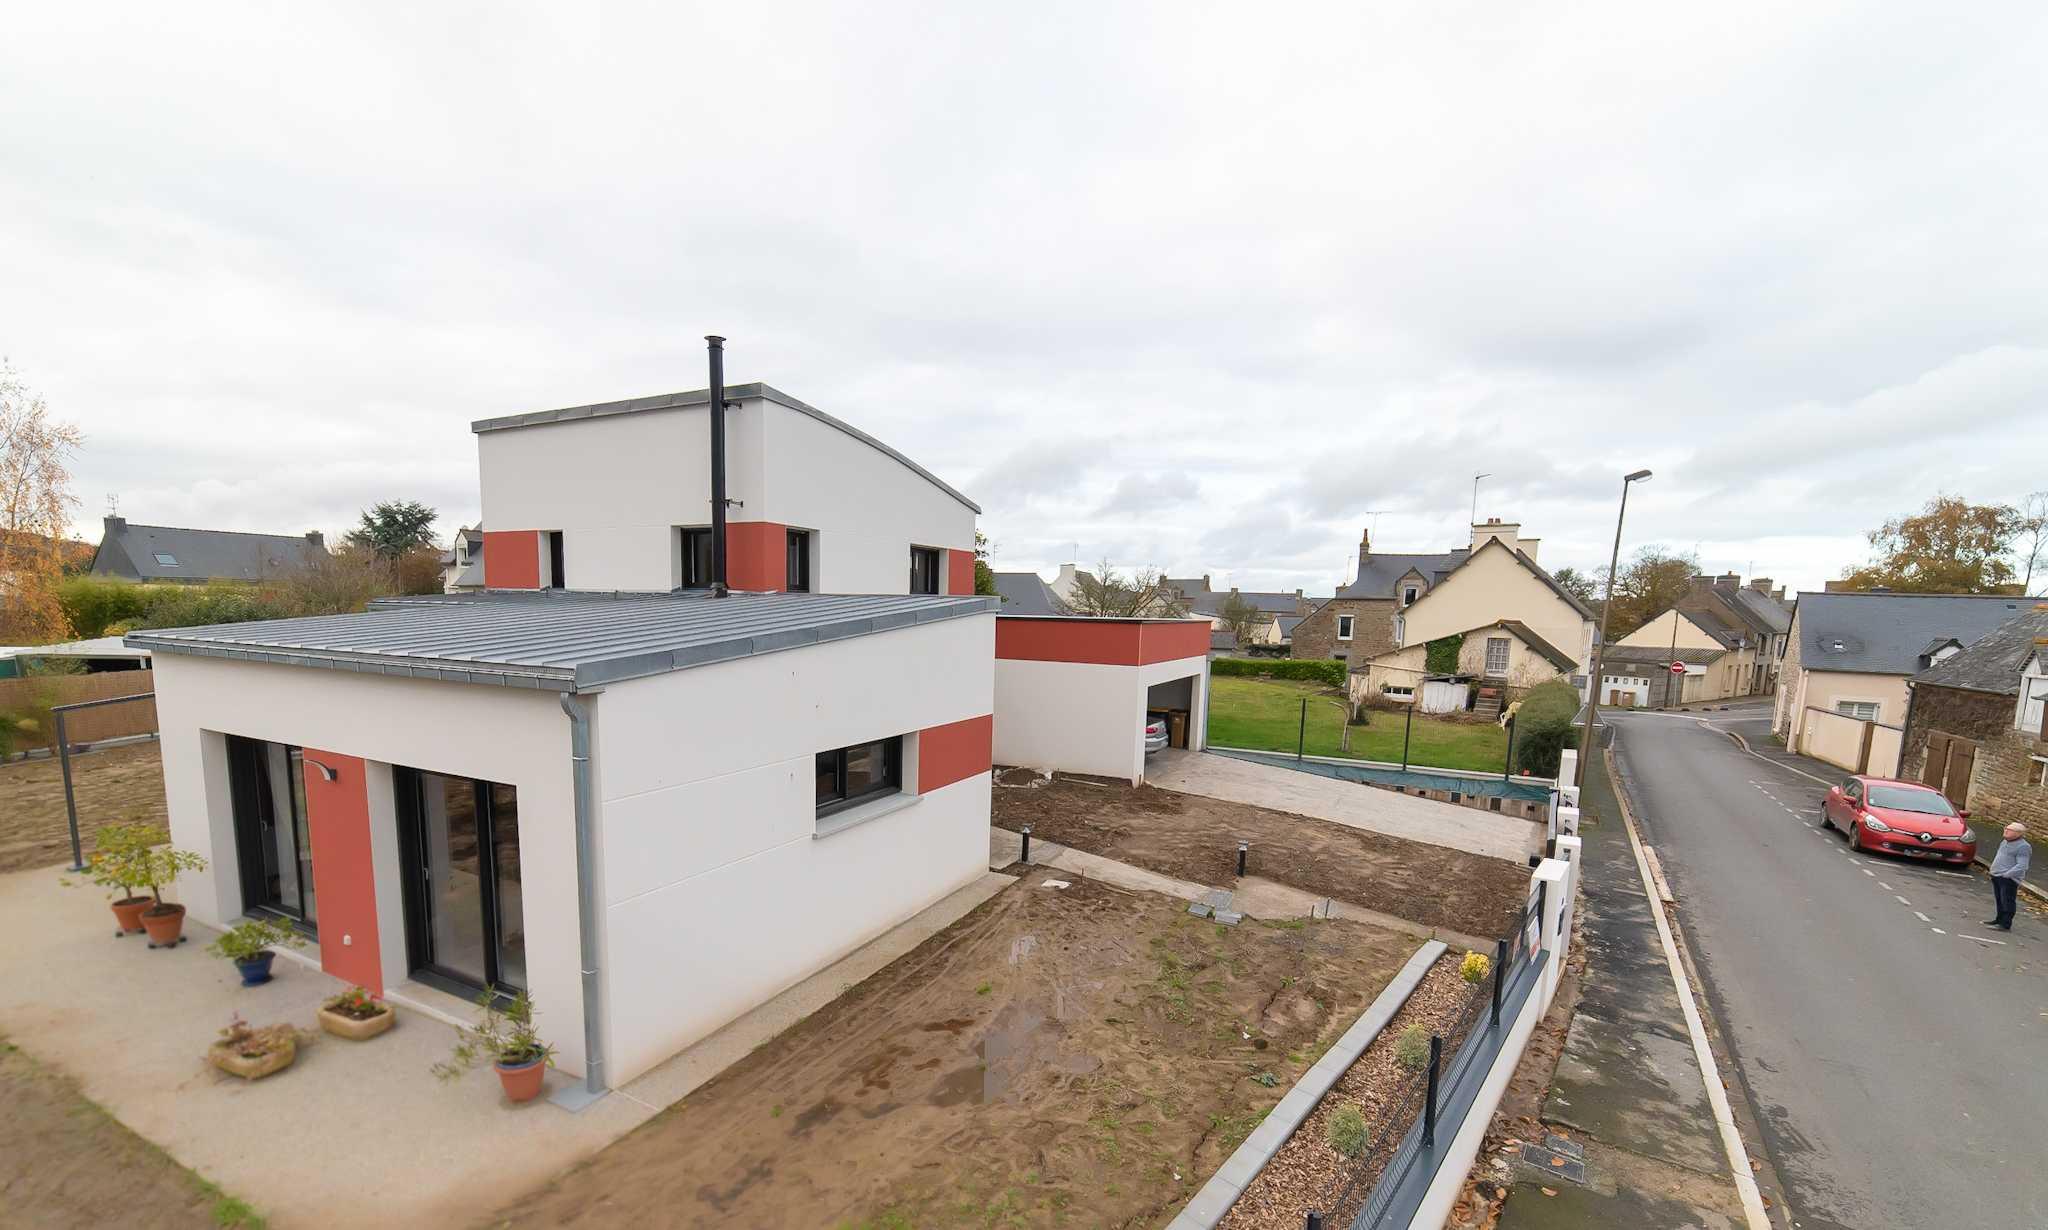 Maison Contemporaine 140 M2 Acces Plain Pied 2 Niveaux